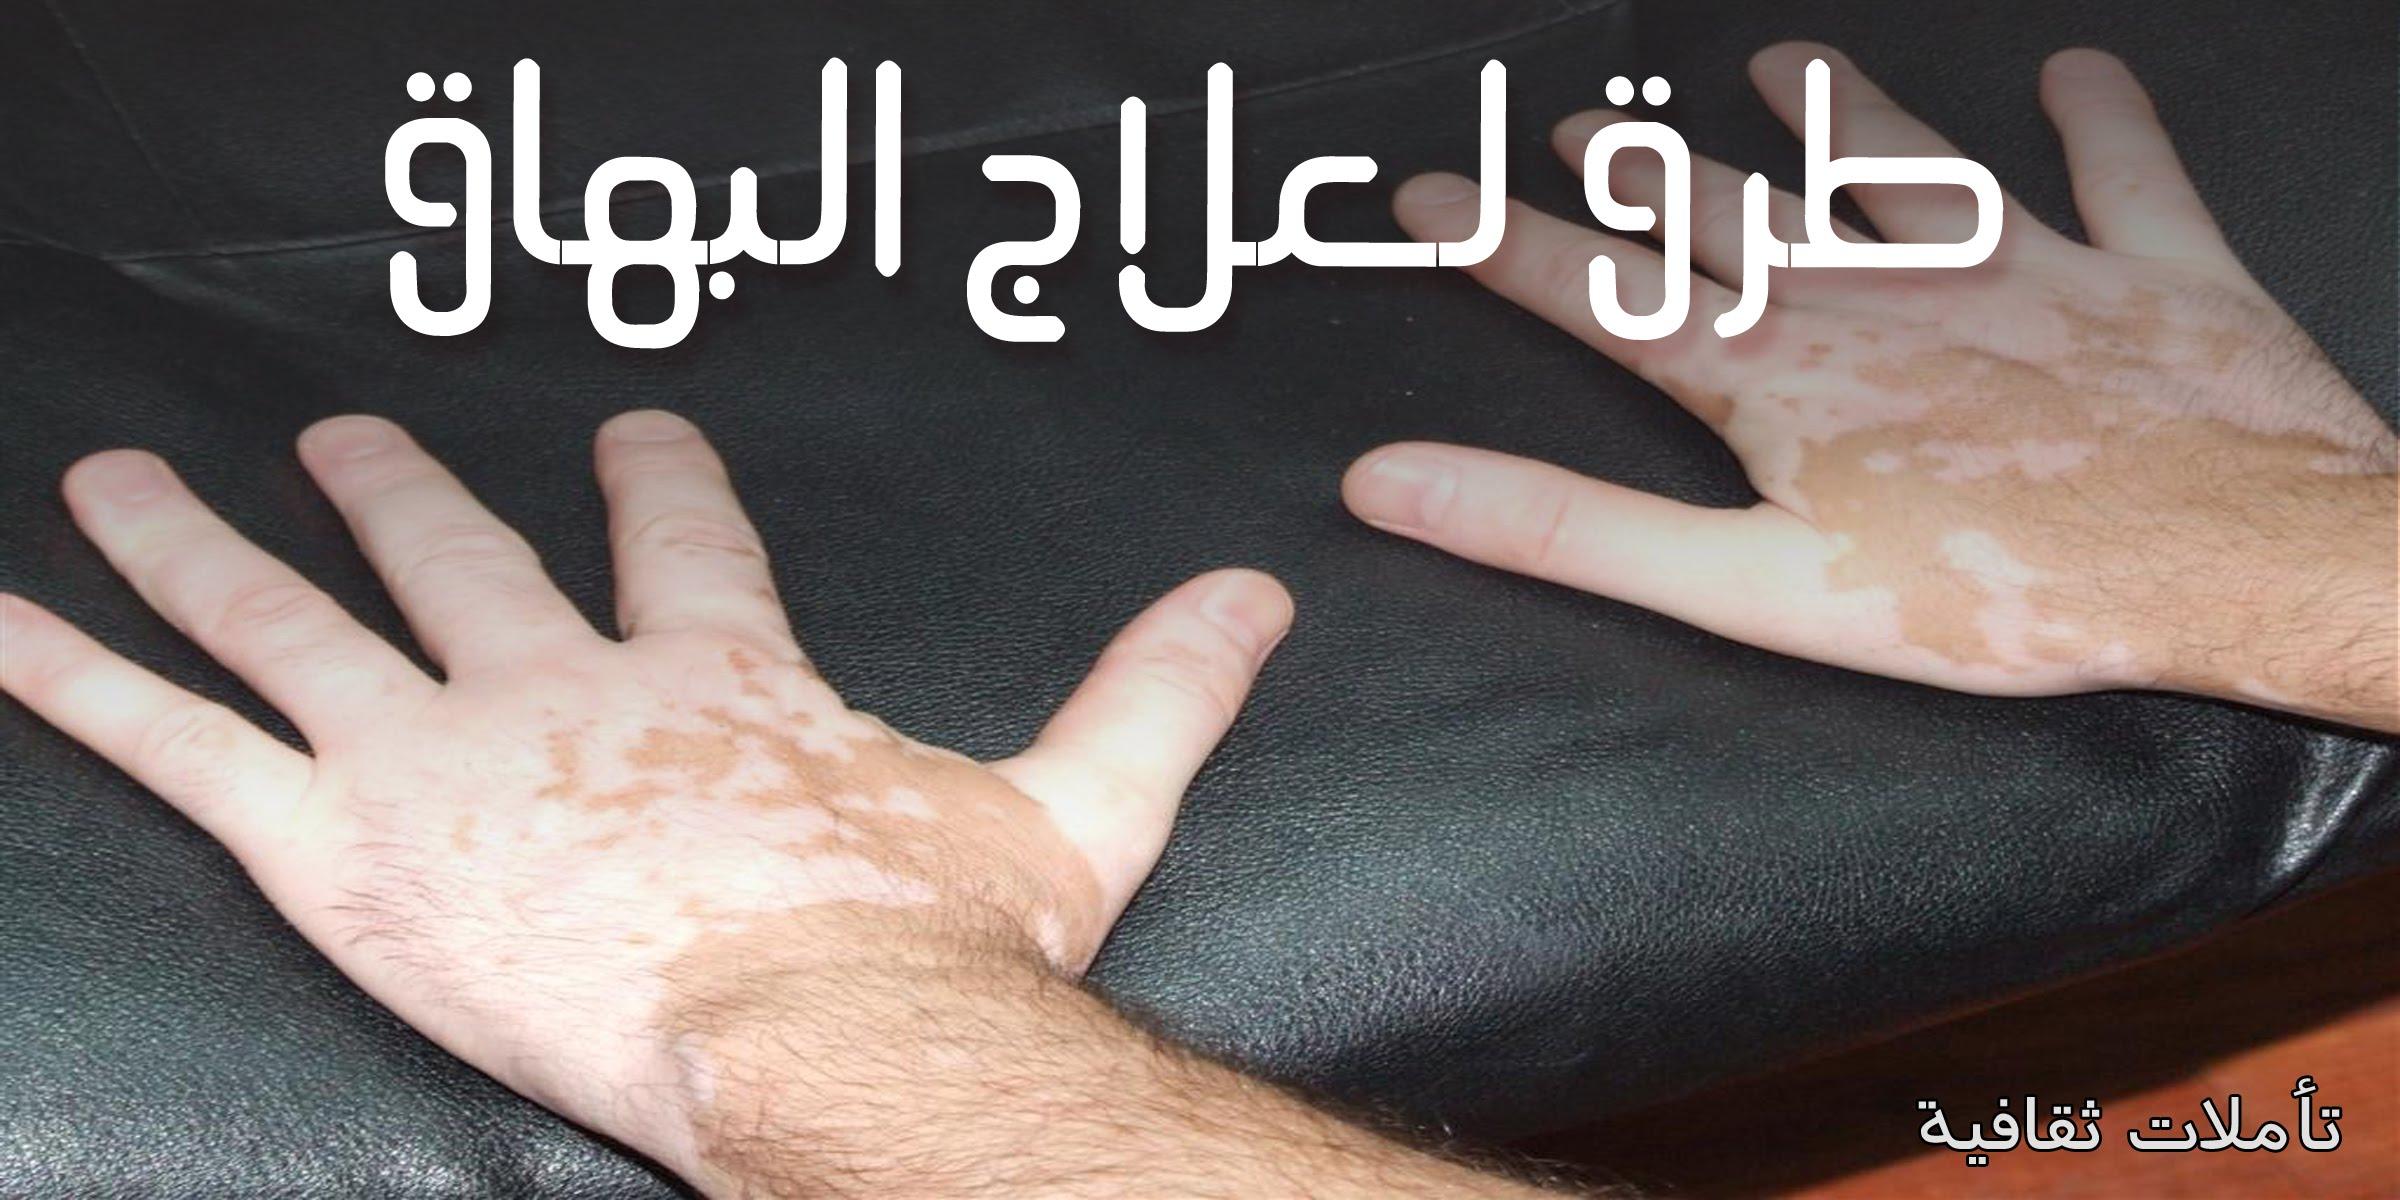 بالصور علاج البهاق بالاعشاب , طريقة فعالة في علاج البهاق بالاعشاب 579 2